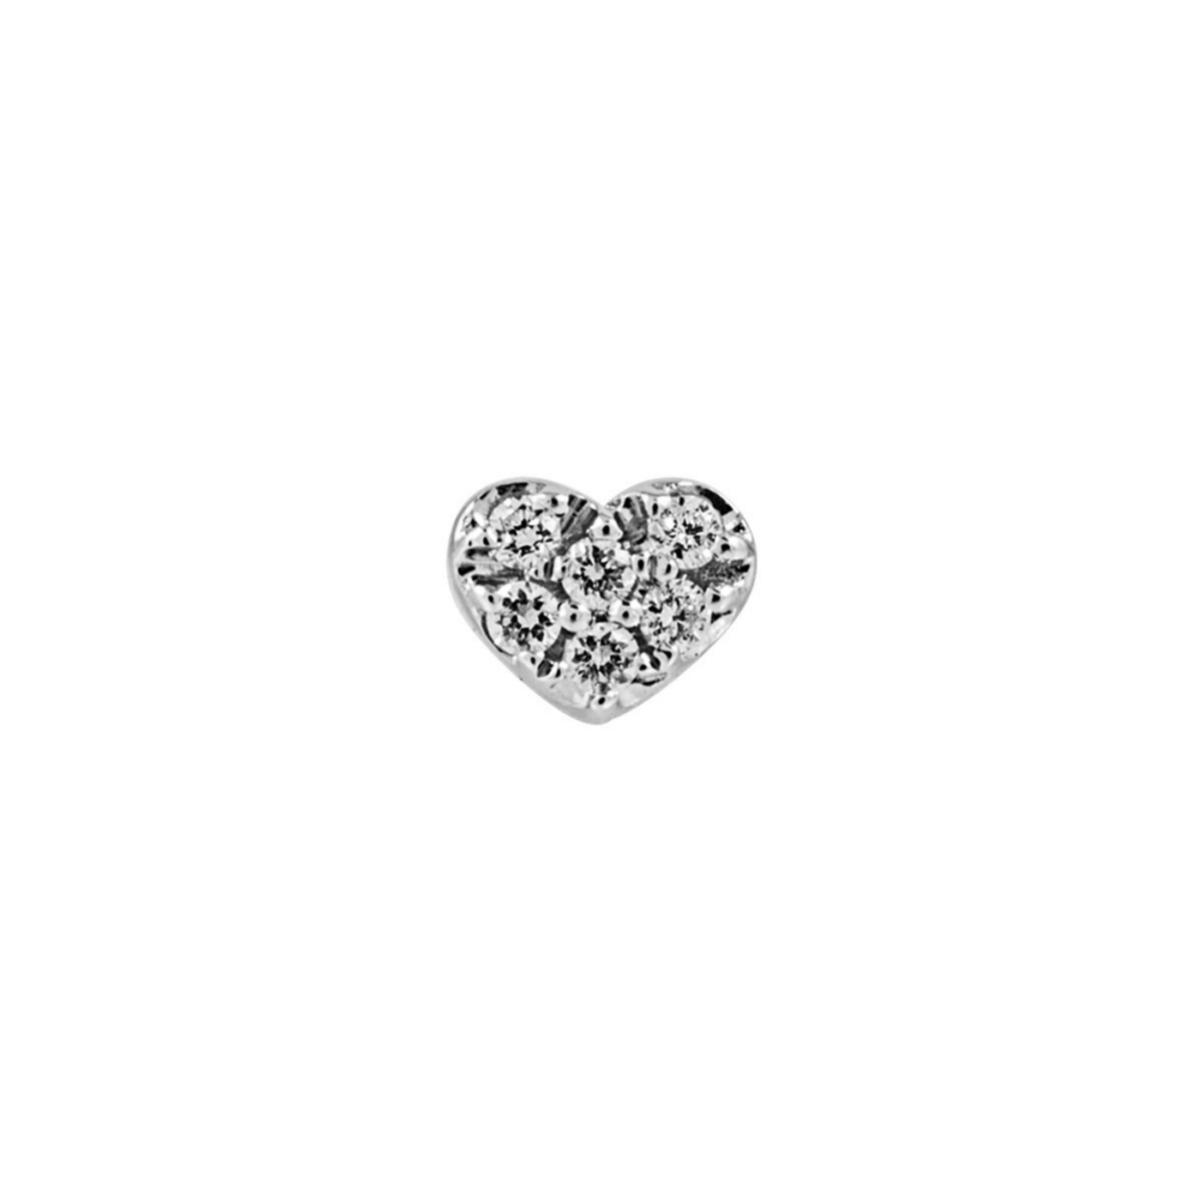 Pendiente en clave minimal con forma de corazón de oro blanco con diamantes de Aristocrazy (240¤)